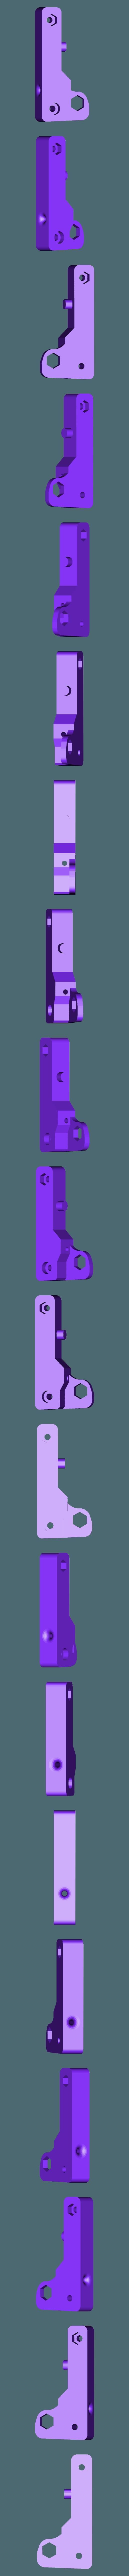 Extrusor_2_Parte_Superior_parte_movil.stl Télécharger fichier STL gratuit Doble Extrusor para montaje en Bowden con un sólo motor • Objet imprimable en 3D, celtarra12